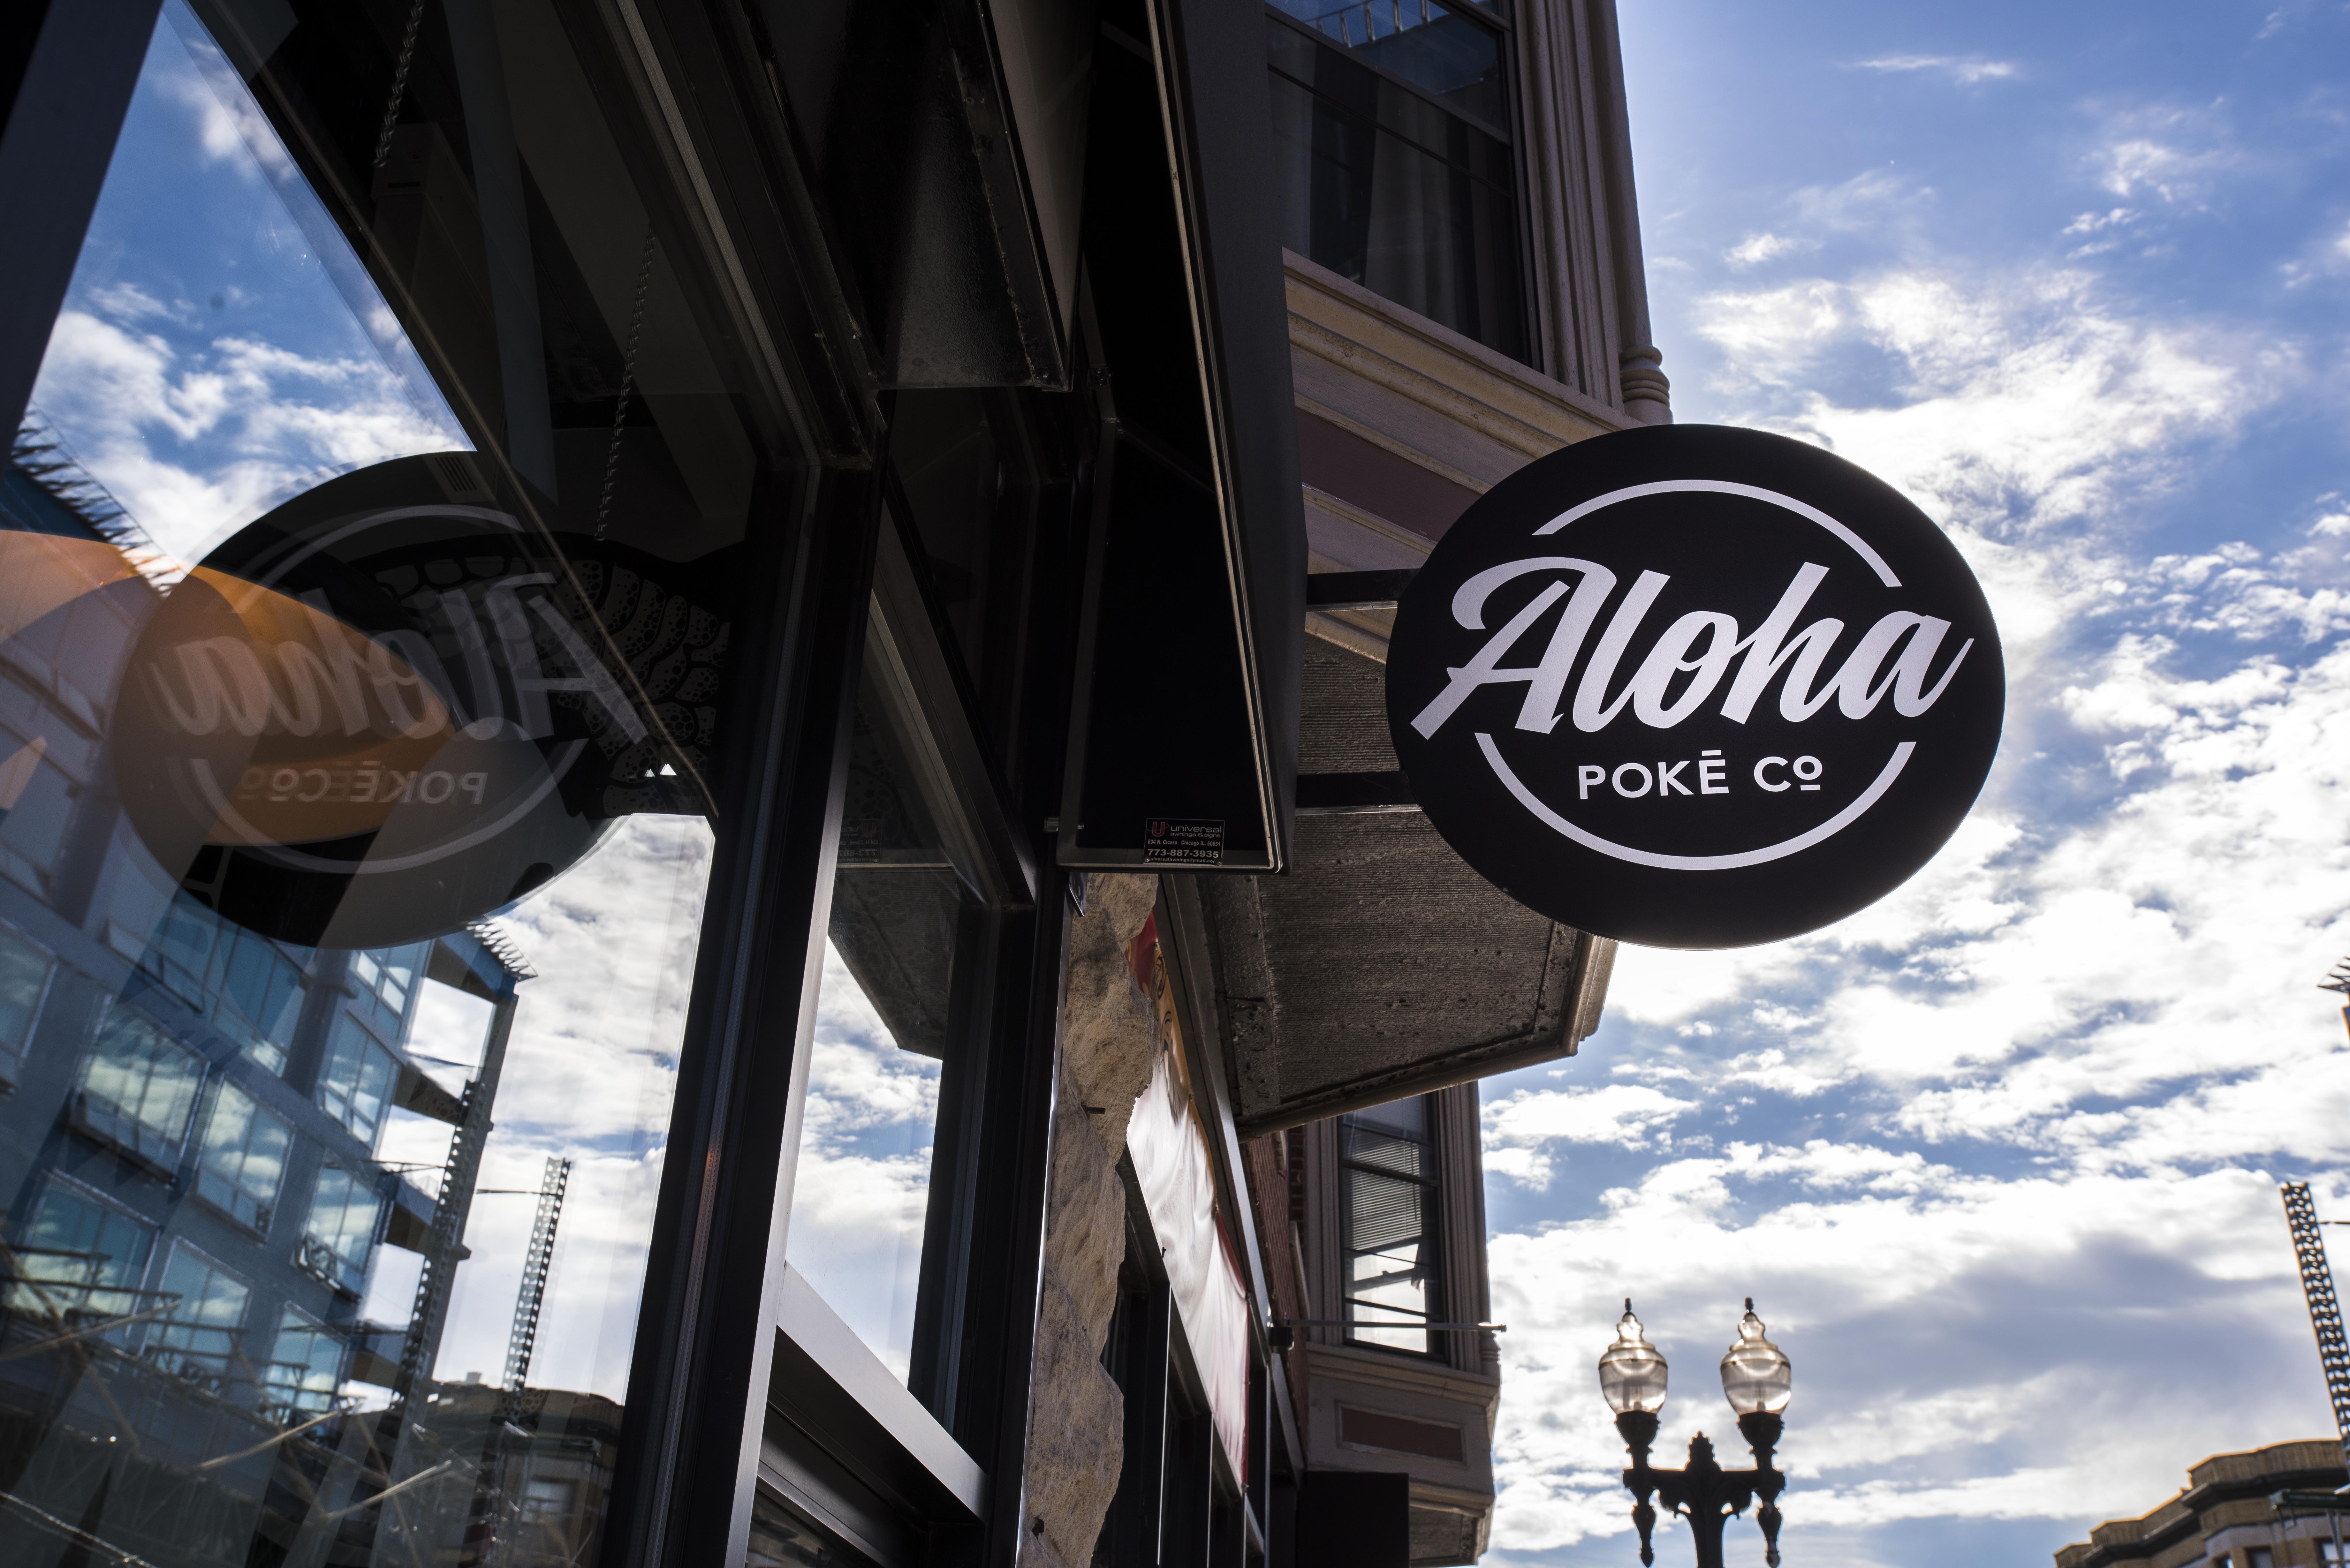 Aloha Poke Co.